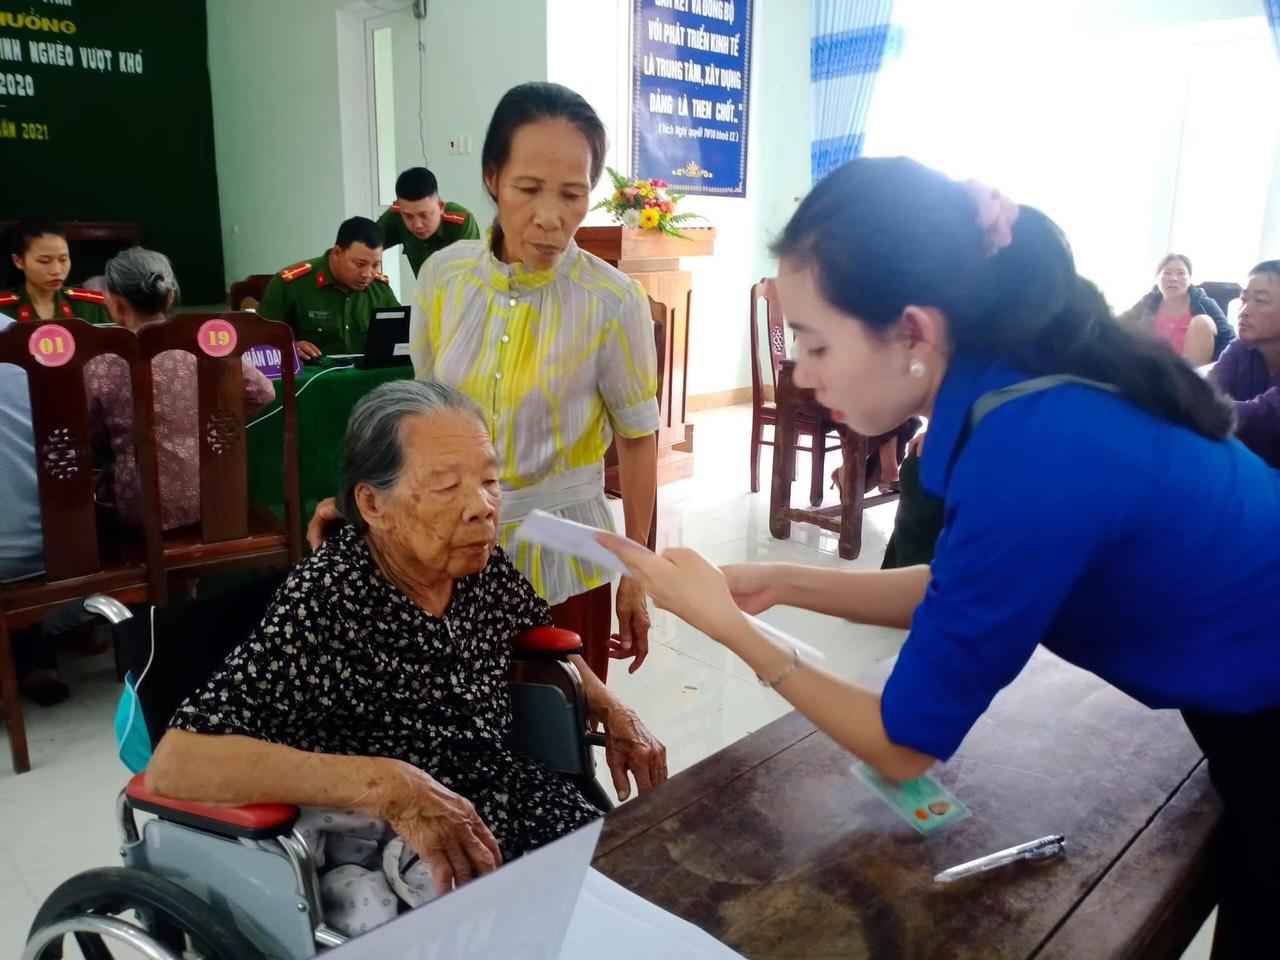 Xúc động hình ảnh các chiến sĩ công an giúp các cụ già đi làm căn cước công dân ở Huế - Ảnh 5.